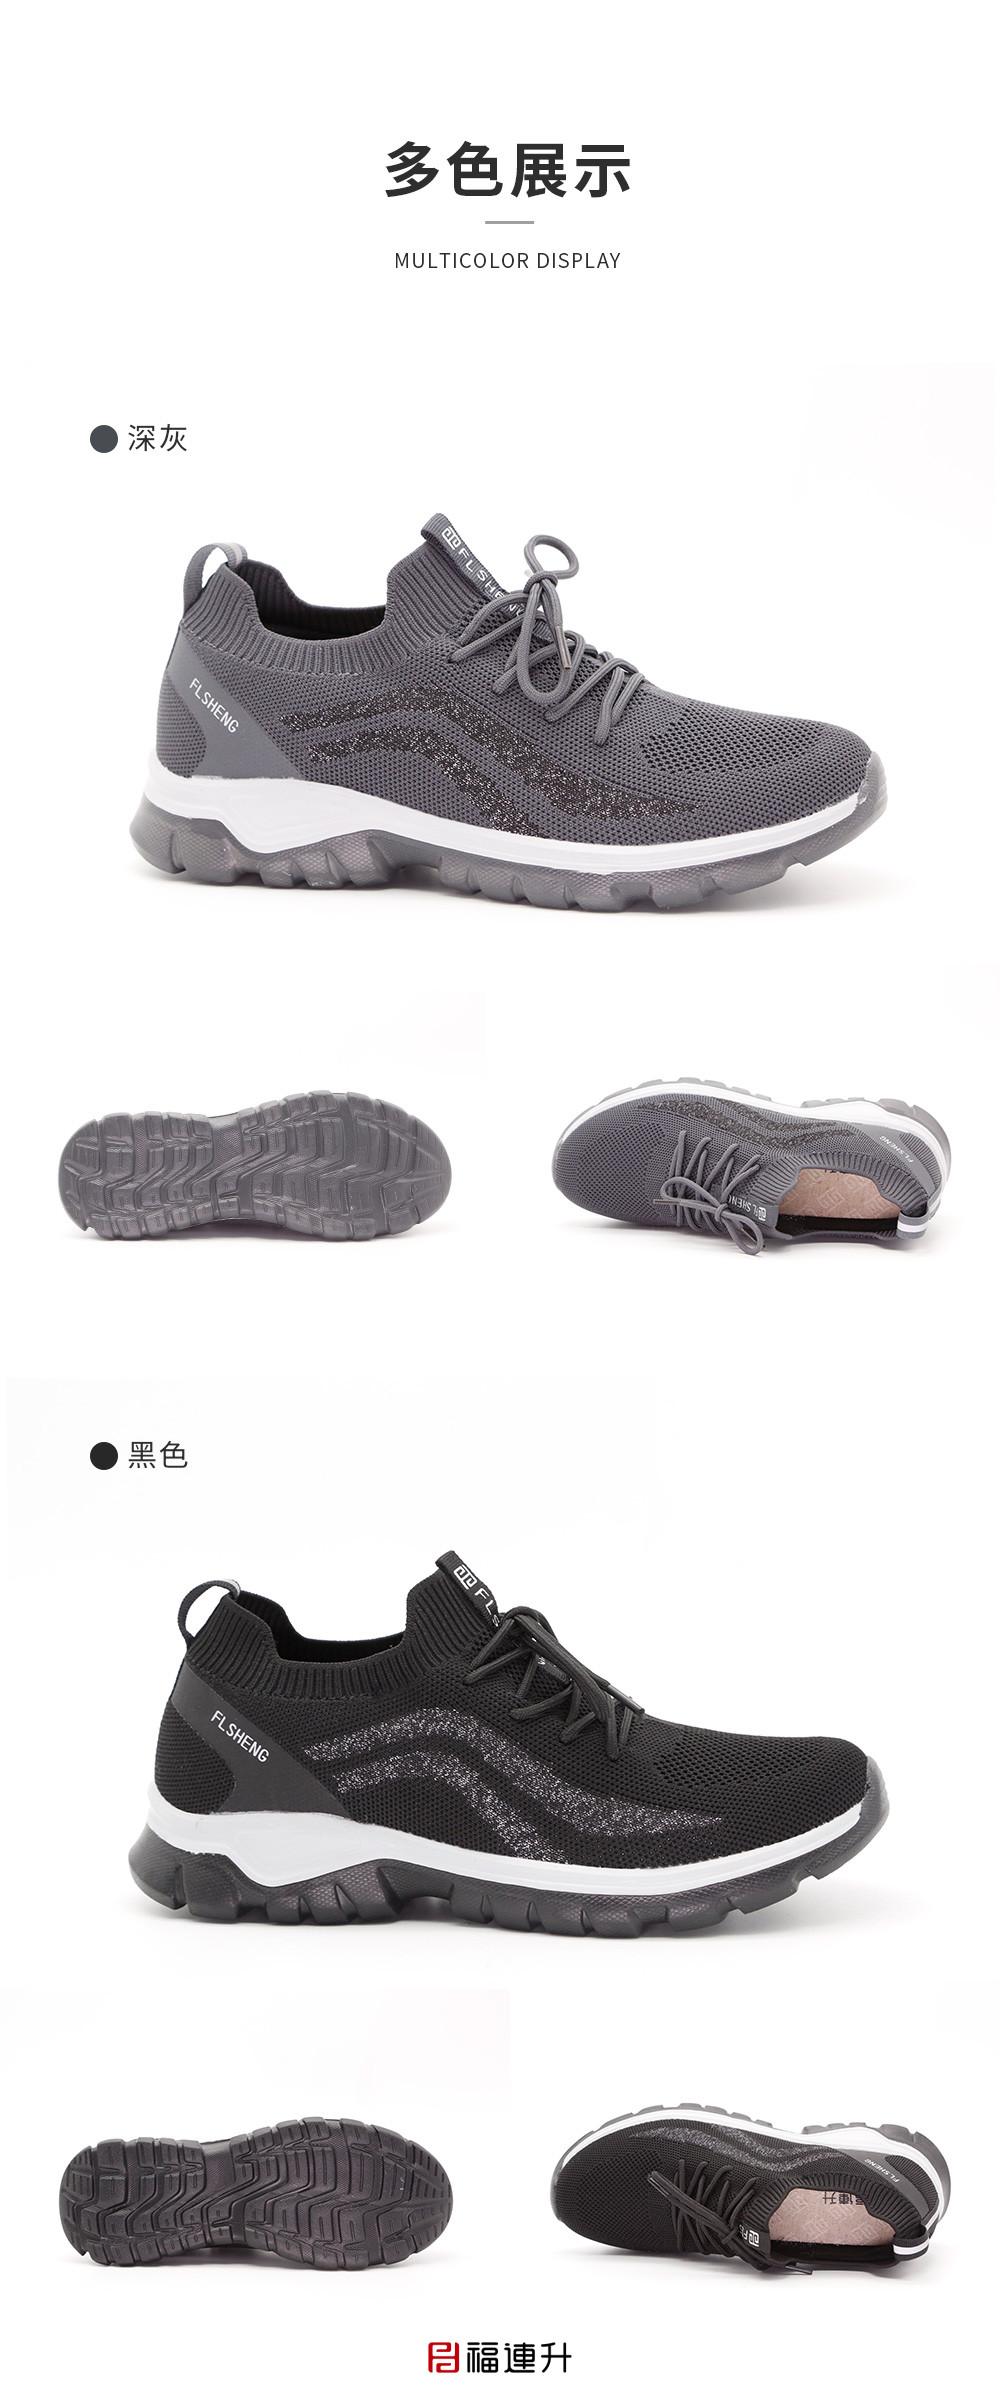 棉麻舒适中年轻便透气休闲运动男鞋漫步鞋图片